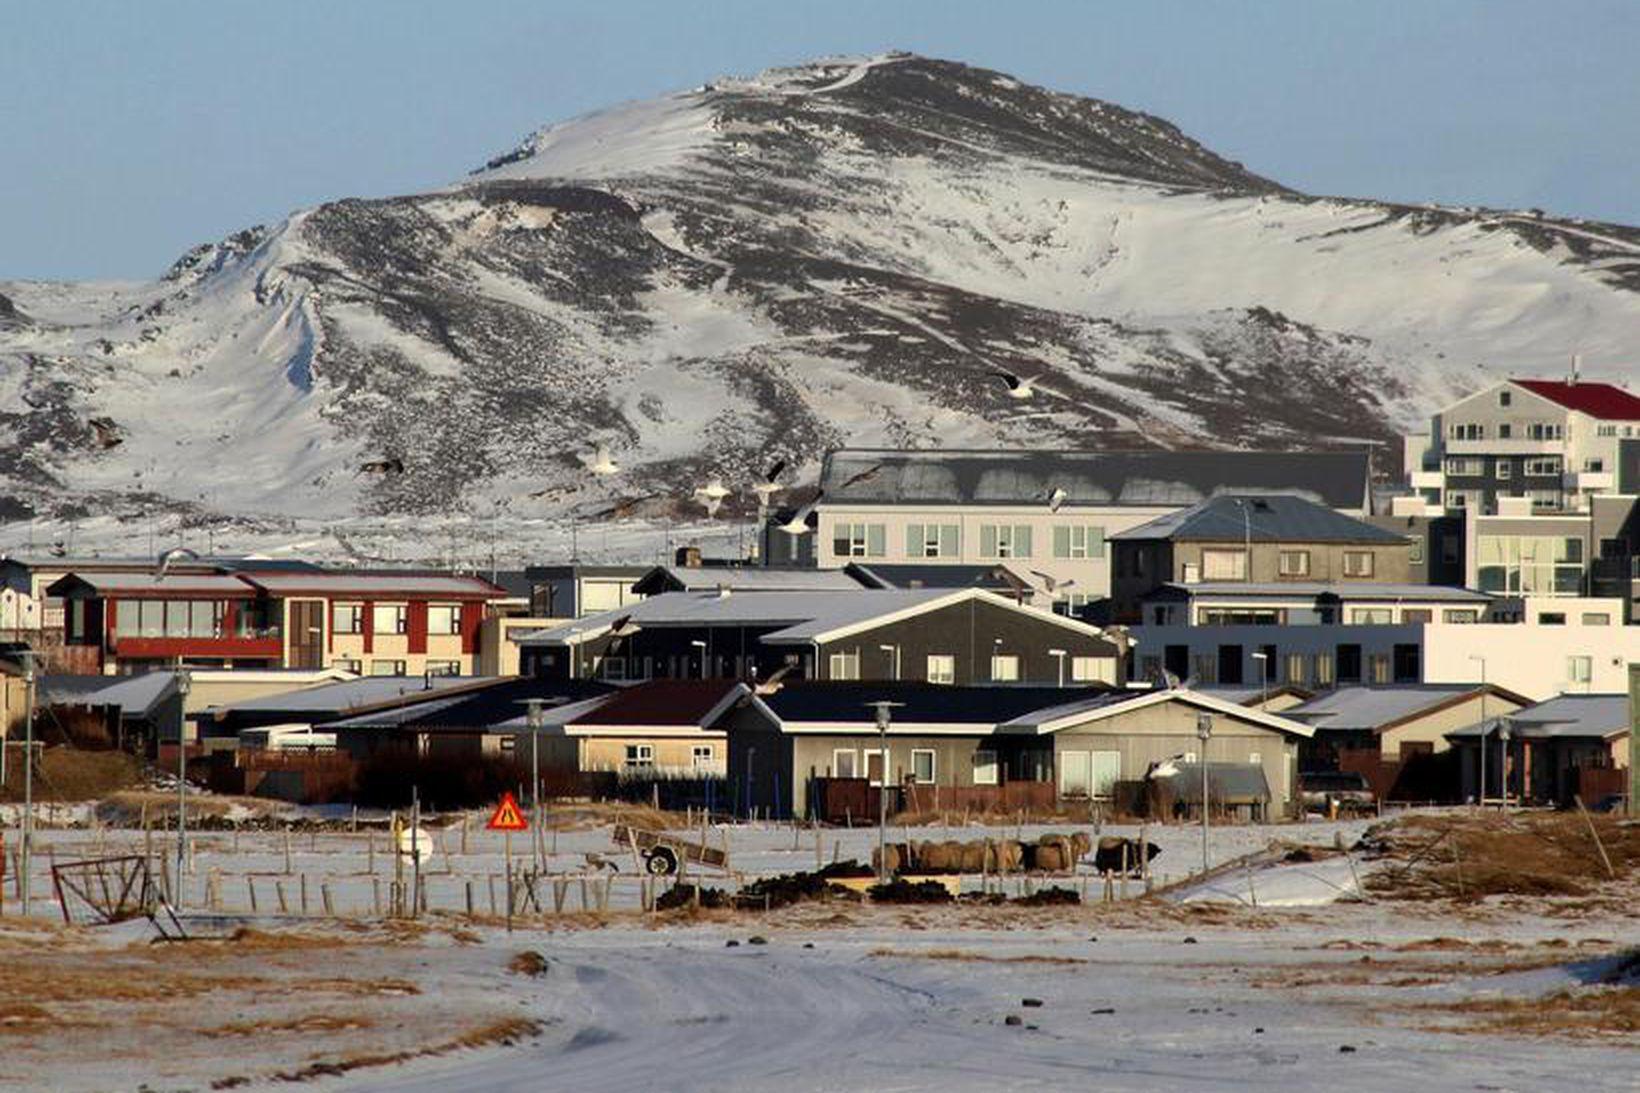 VÍS lokaði útibúi sínu í Grindavík í ár.